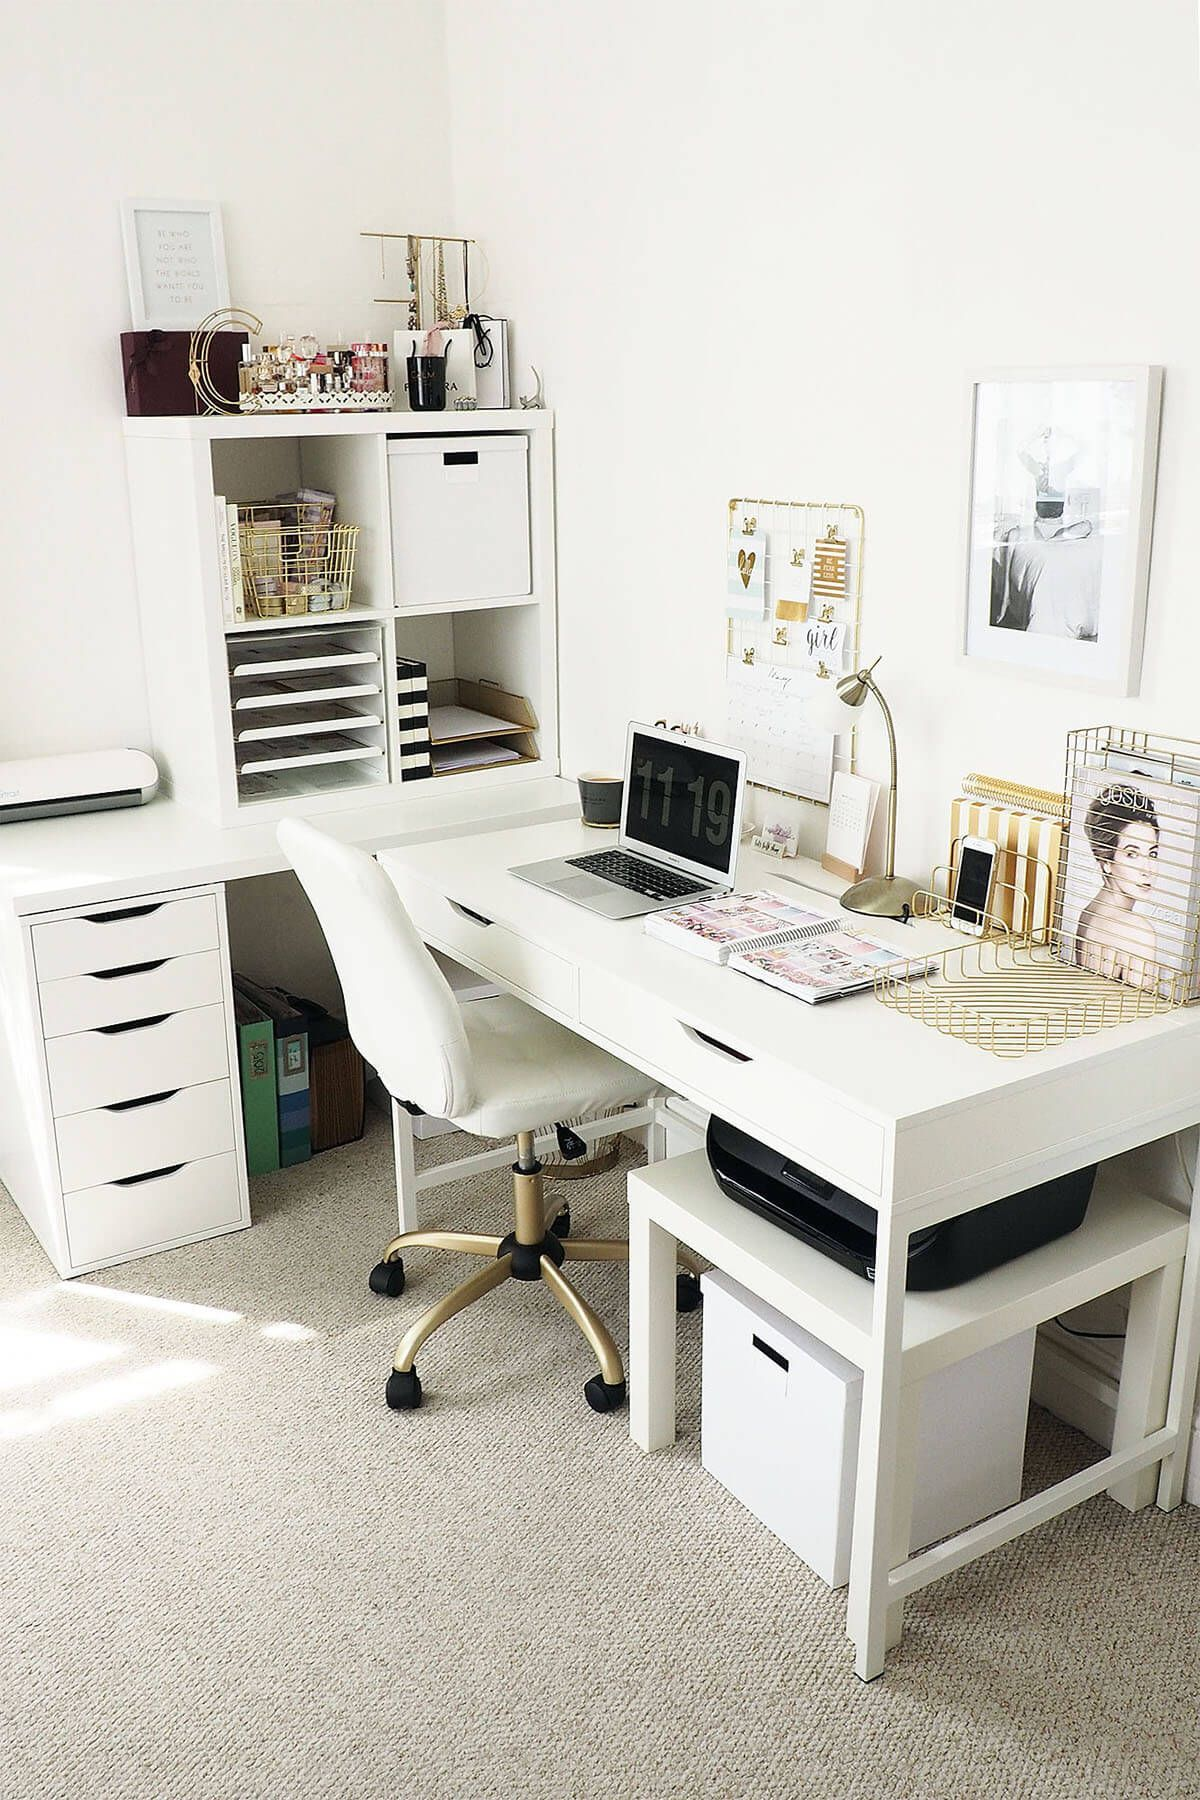 14 Genius Home Office-Organisationsideen zum Erstellen des perfekten Arbeitsbereichs - My Blog